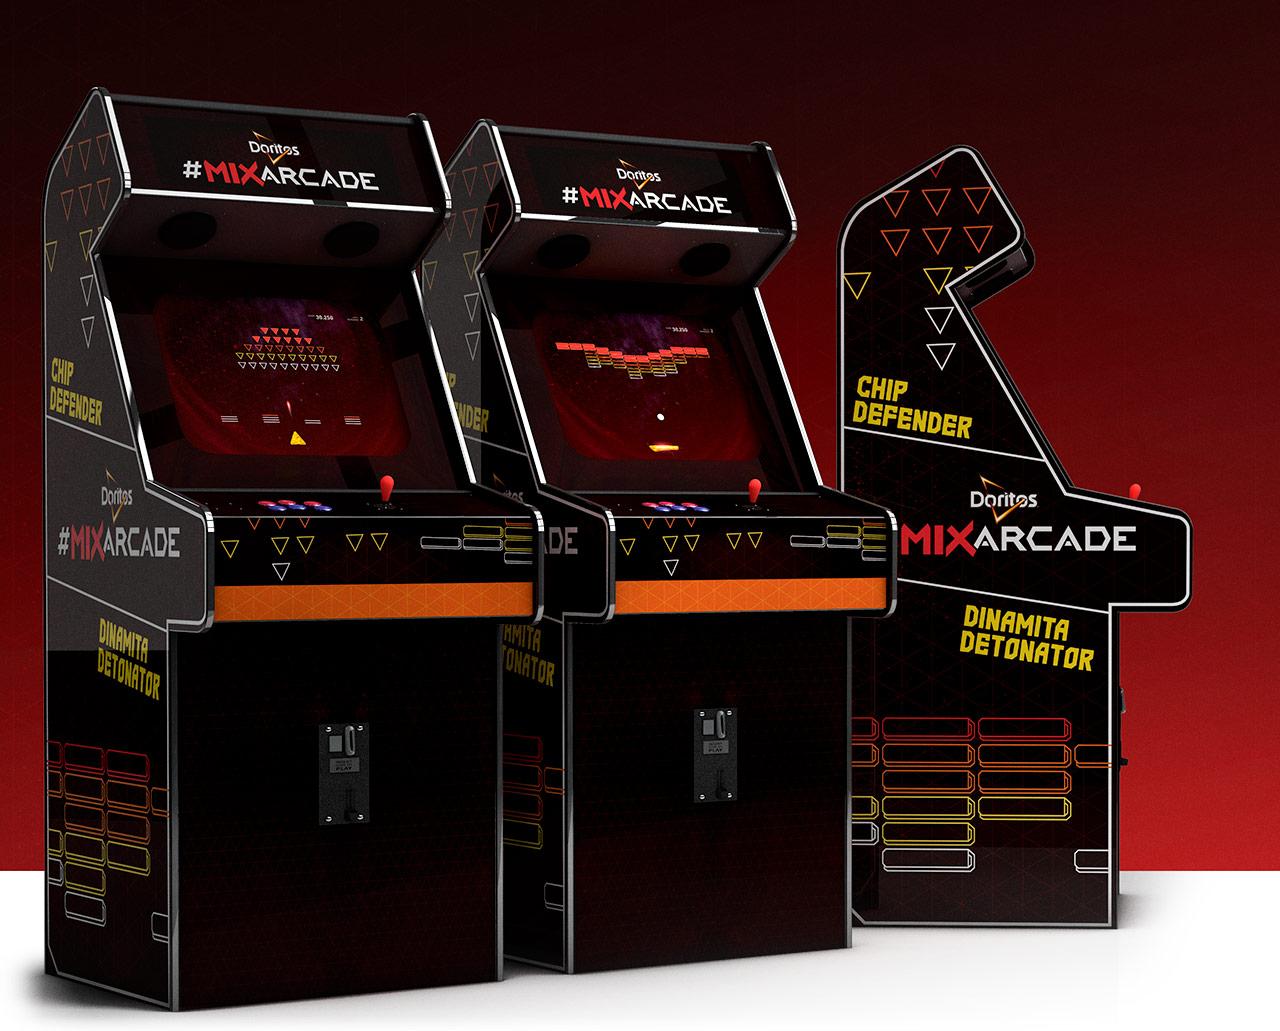 Doritos Mix Arcade